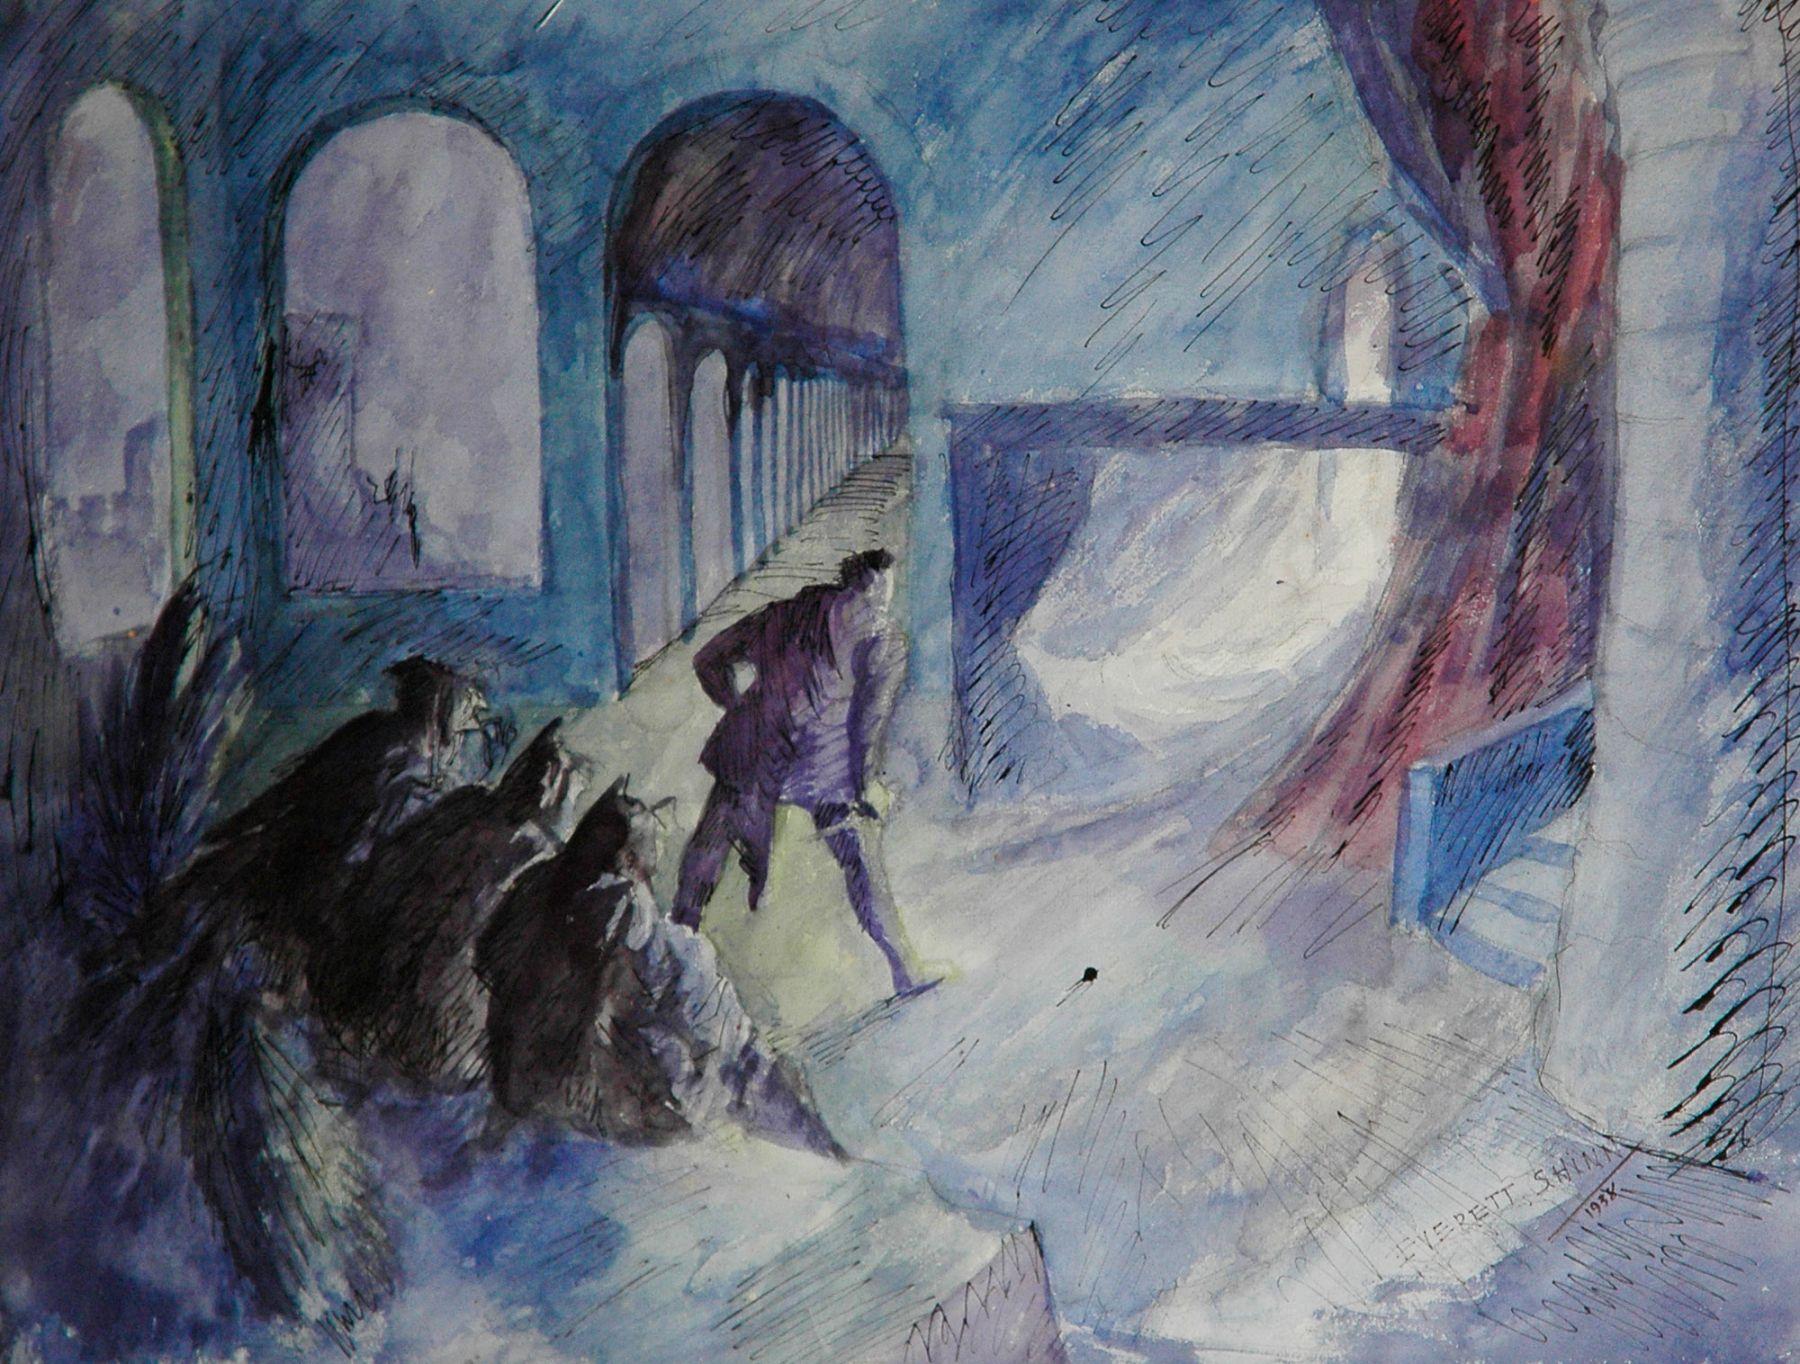 EVERETT SHINN (1876-1953), Curtain Call, 1938